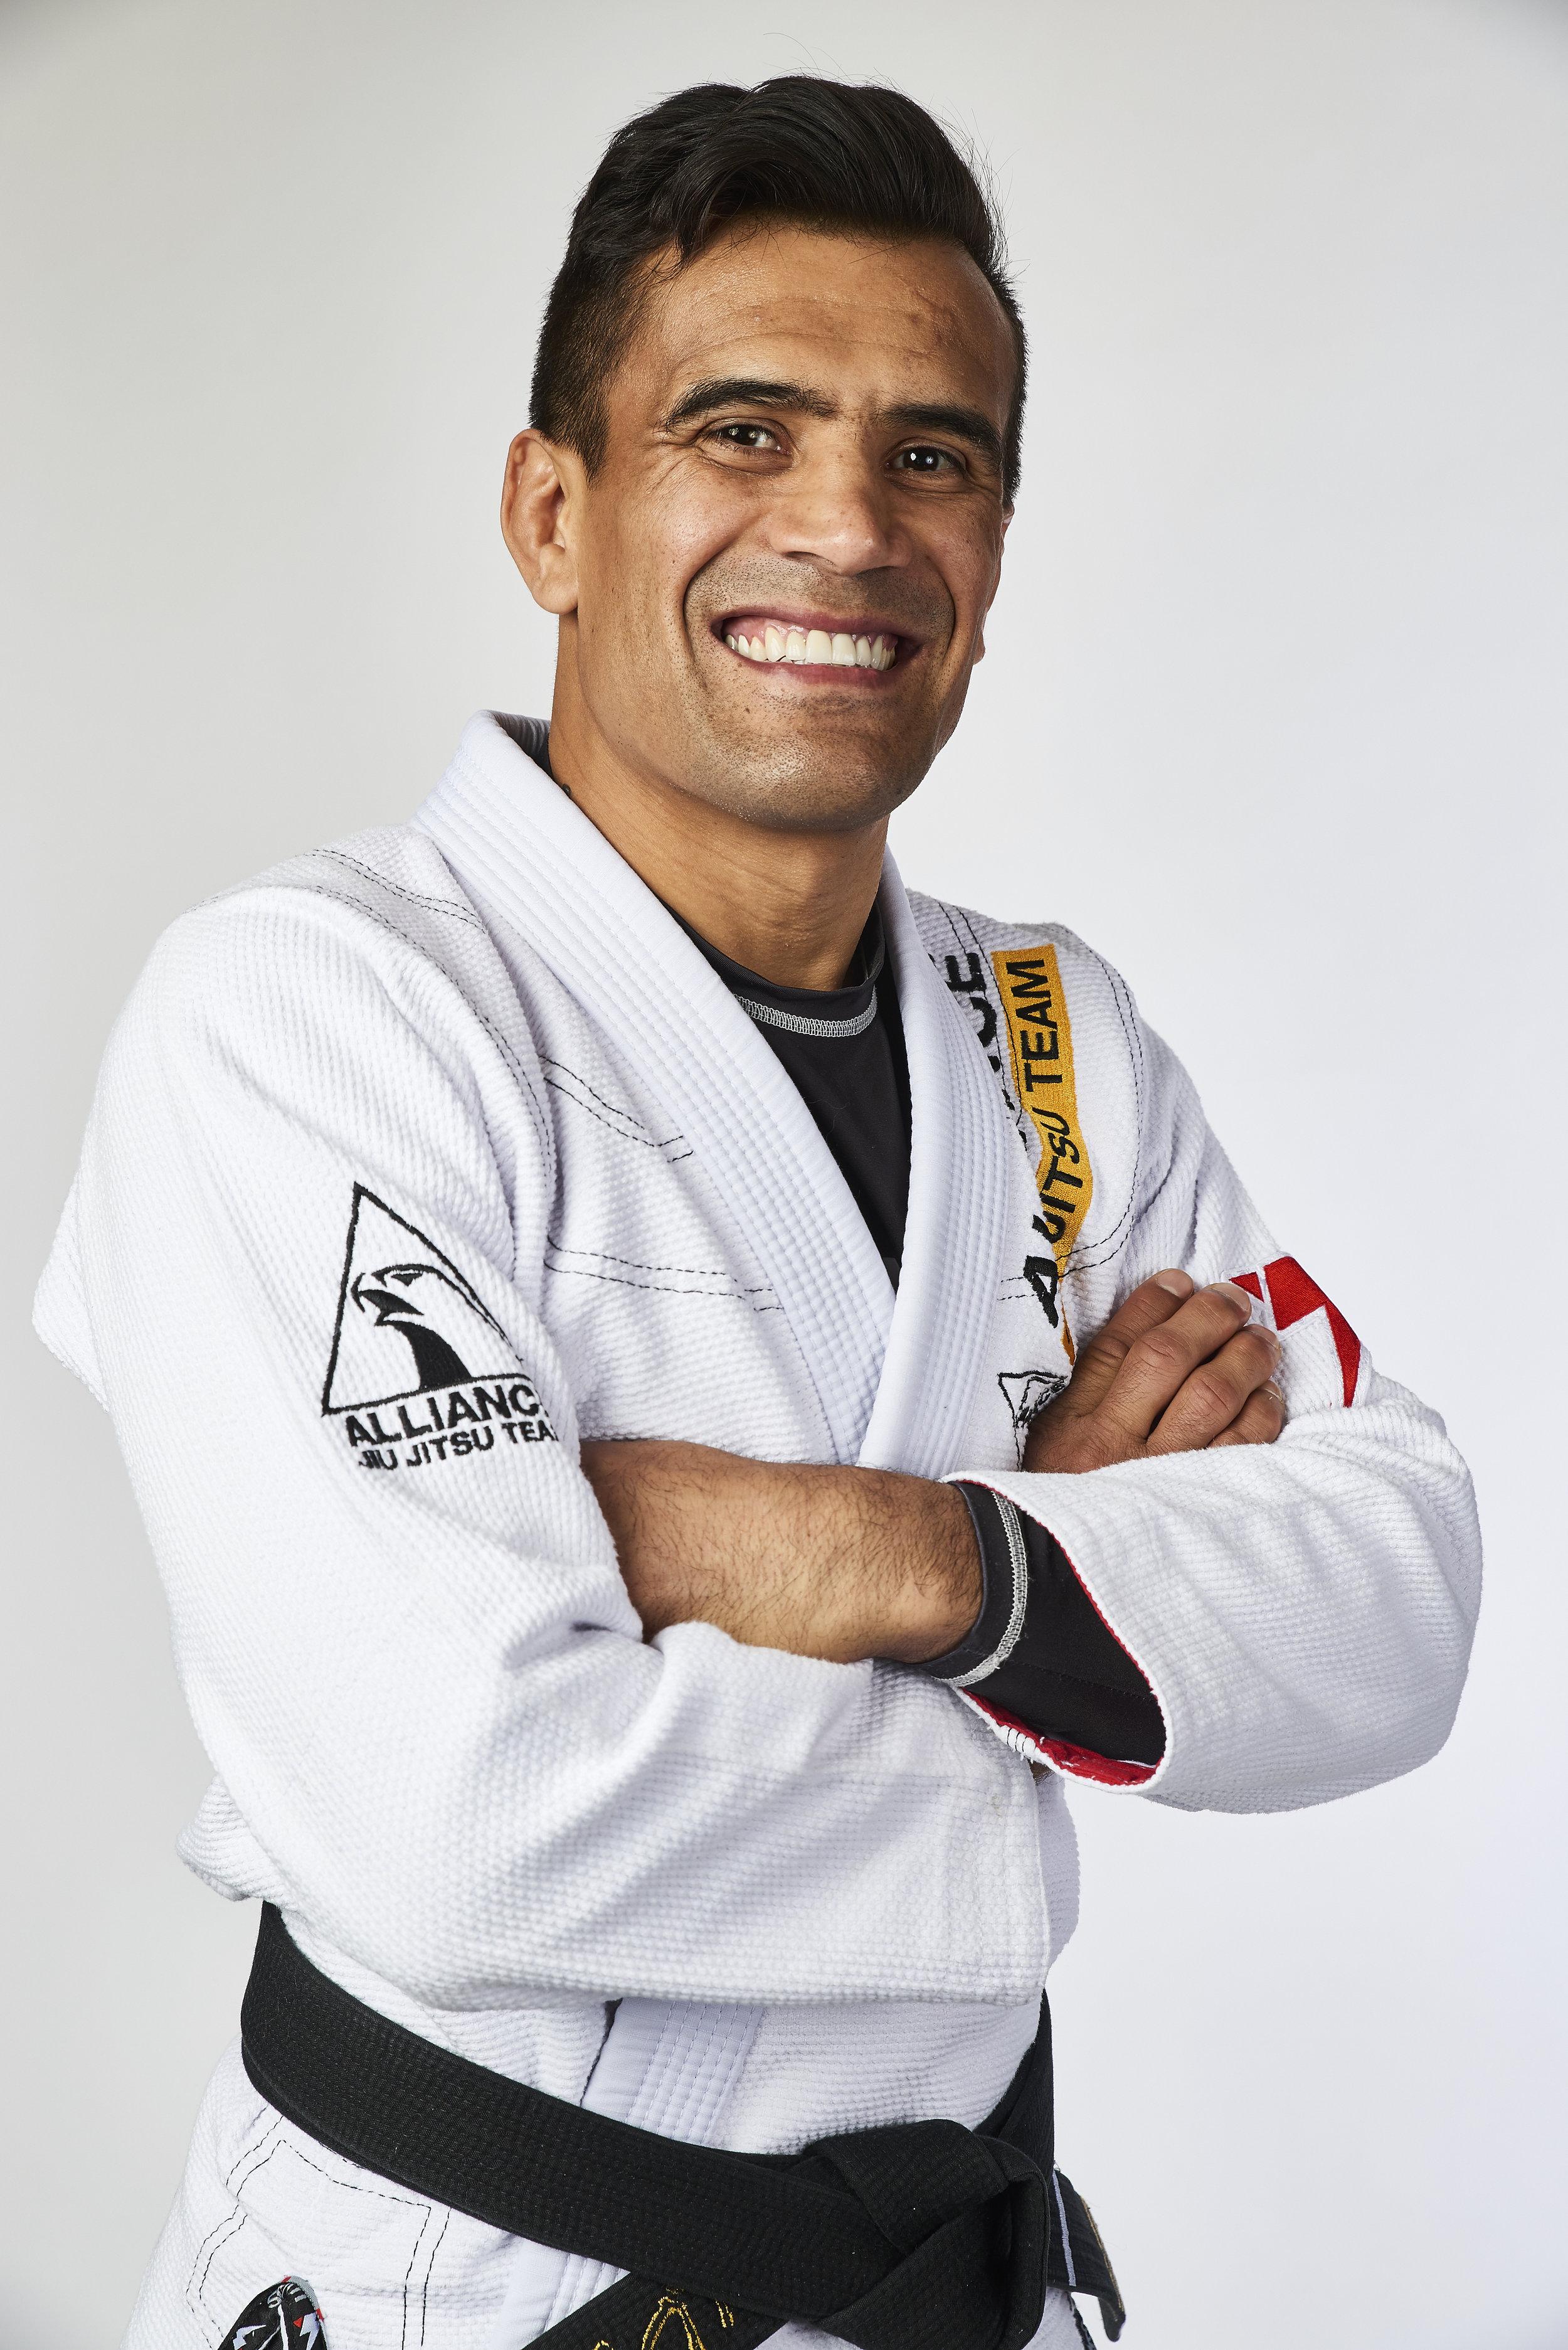 """Rubens """"Cobrinha"""" Charles Gym Manager & Head Instructor   Phone:  323-931-9953   Email:  info@cobrinhabjj.com"""